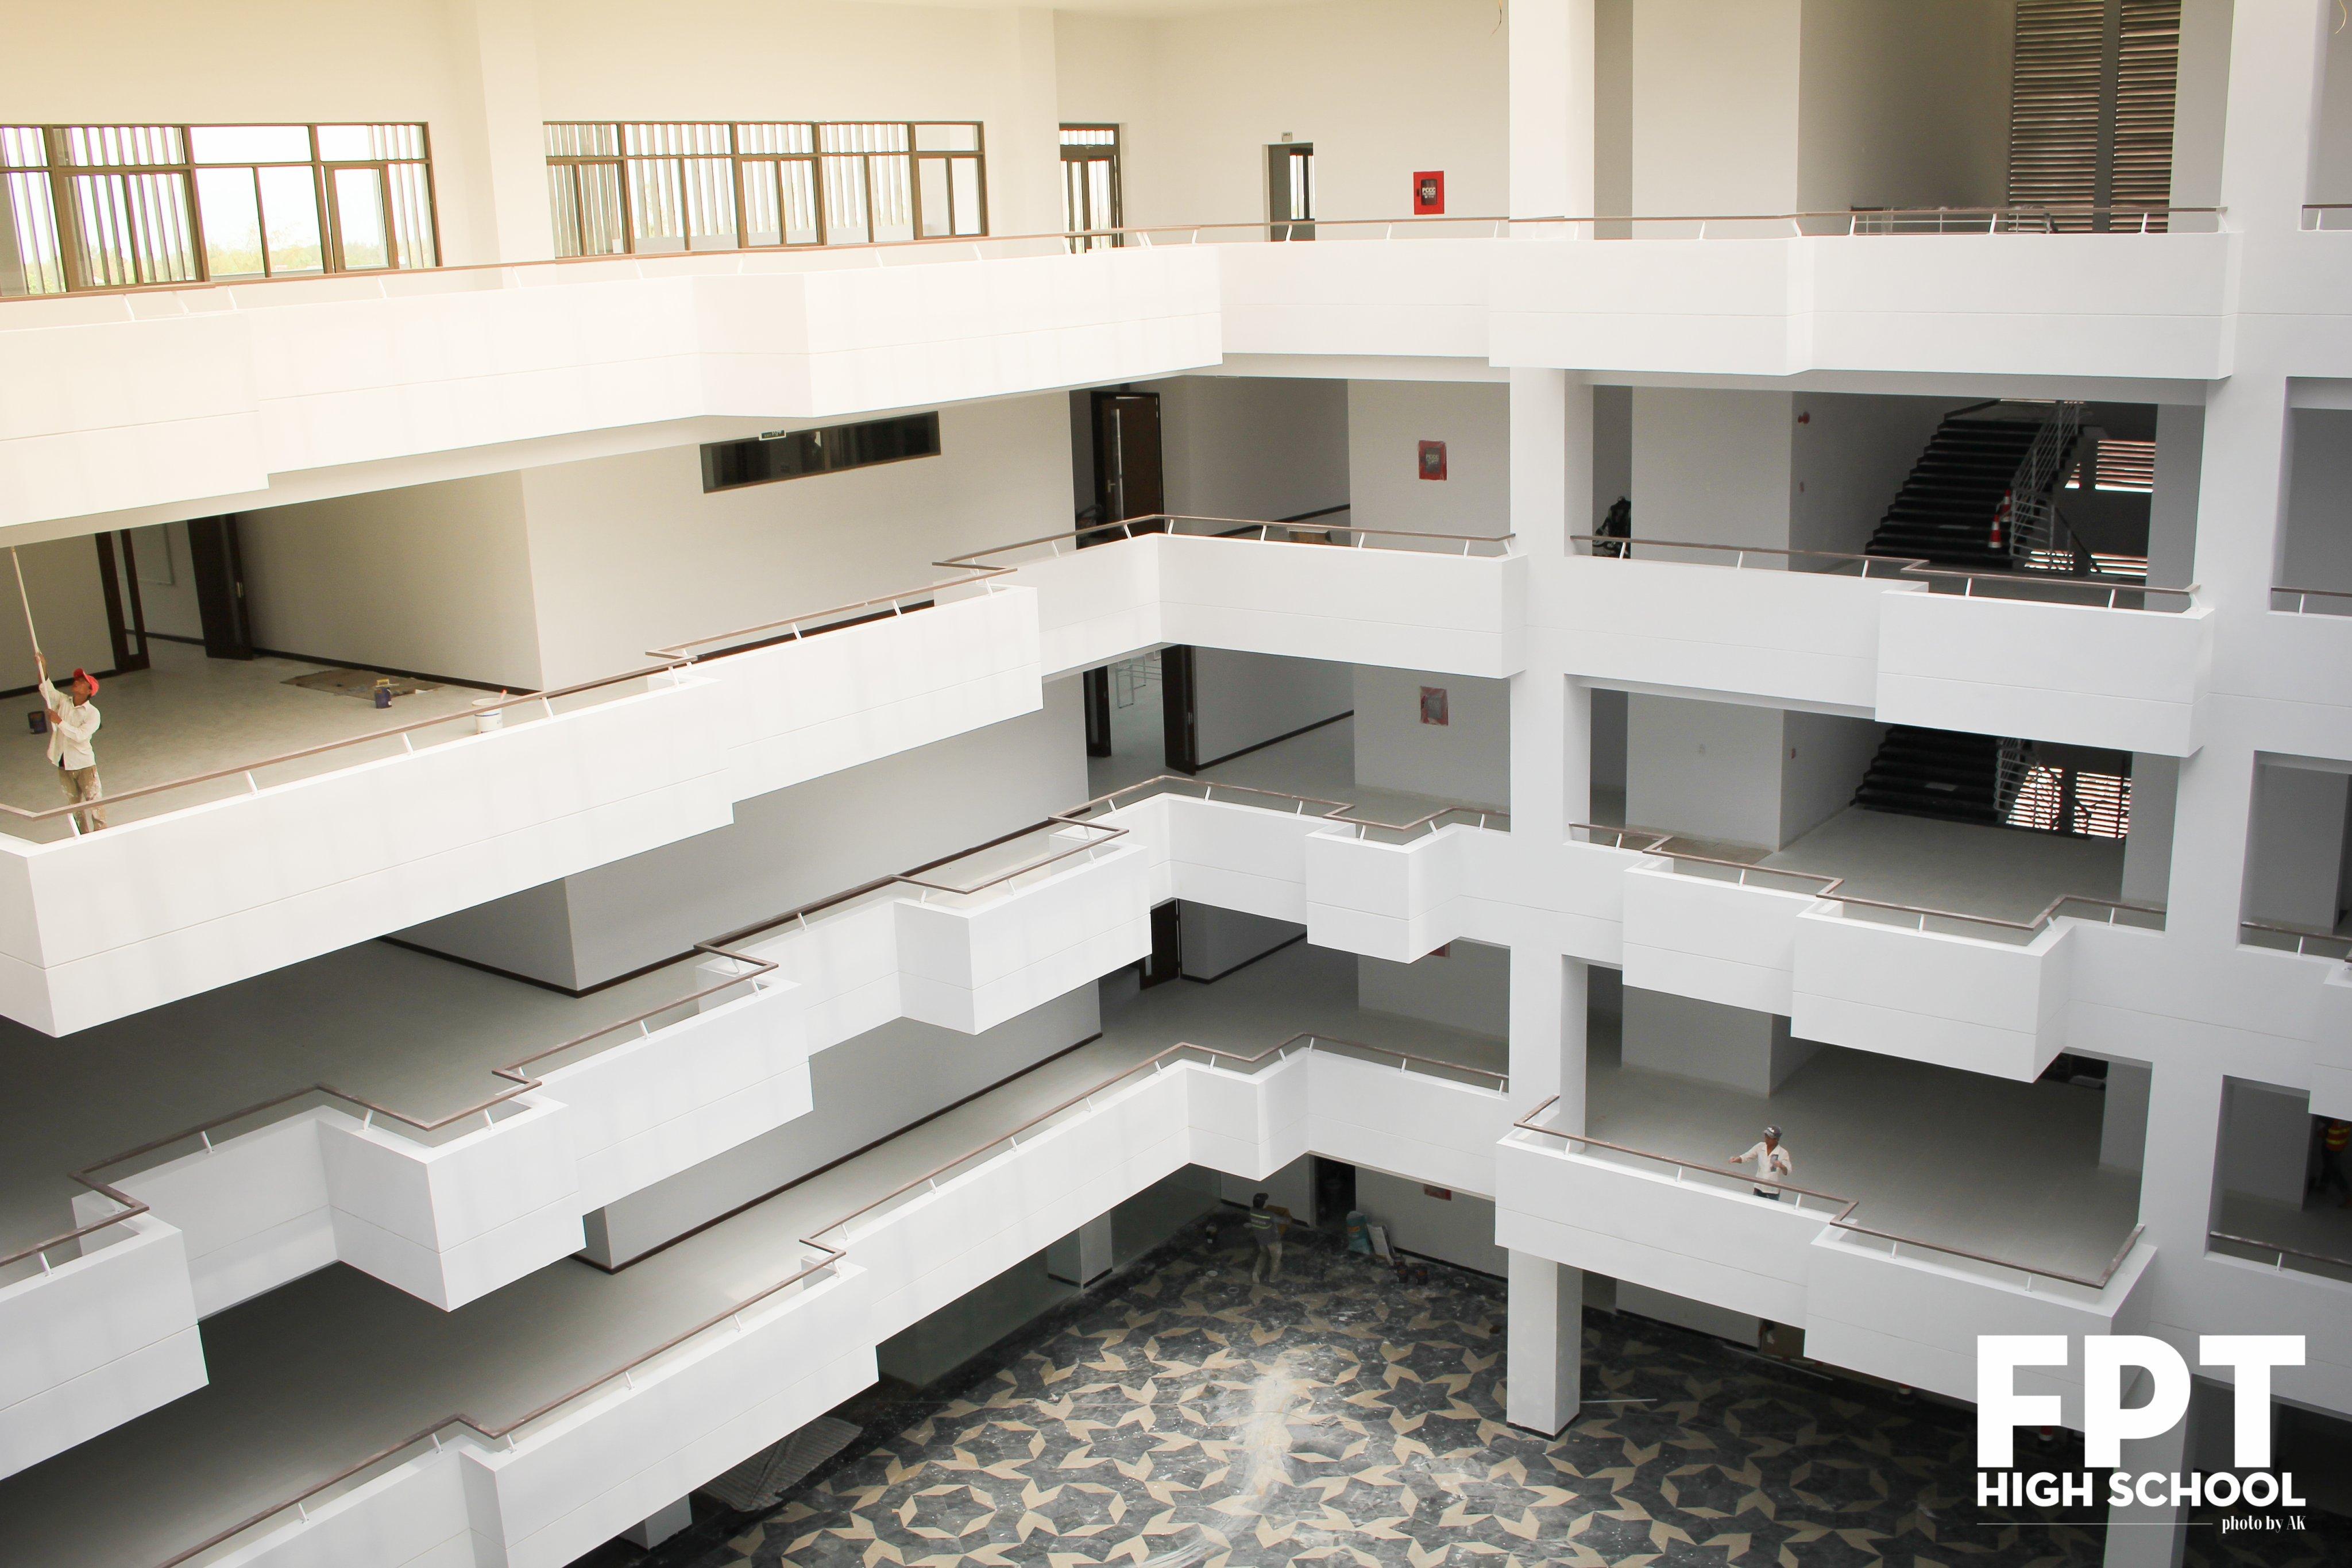 ĐH FPT cơ sở Đà Nẵng cũng bắt đầu học tập ở môi trường mới vào ngày 9/9. Nhà trường cũng đã gửi thông báo đến toàn thể cán bộ và giảng viên về kế hoạch chuyển văn phòng mới.